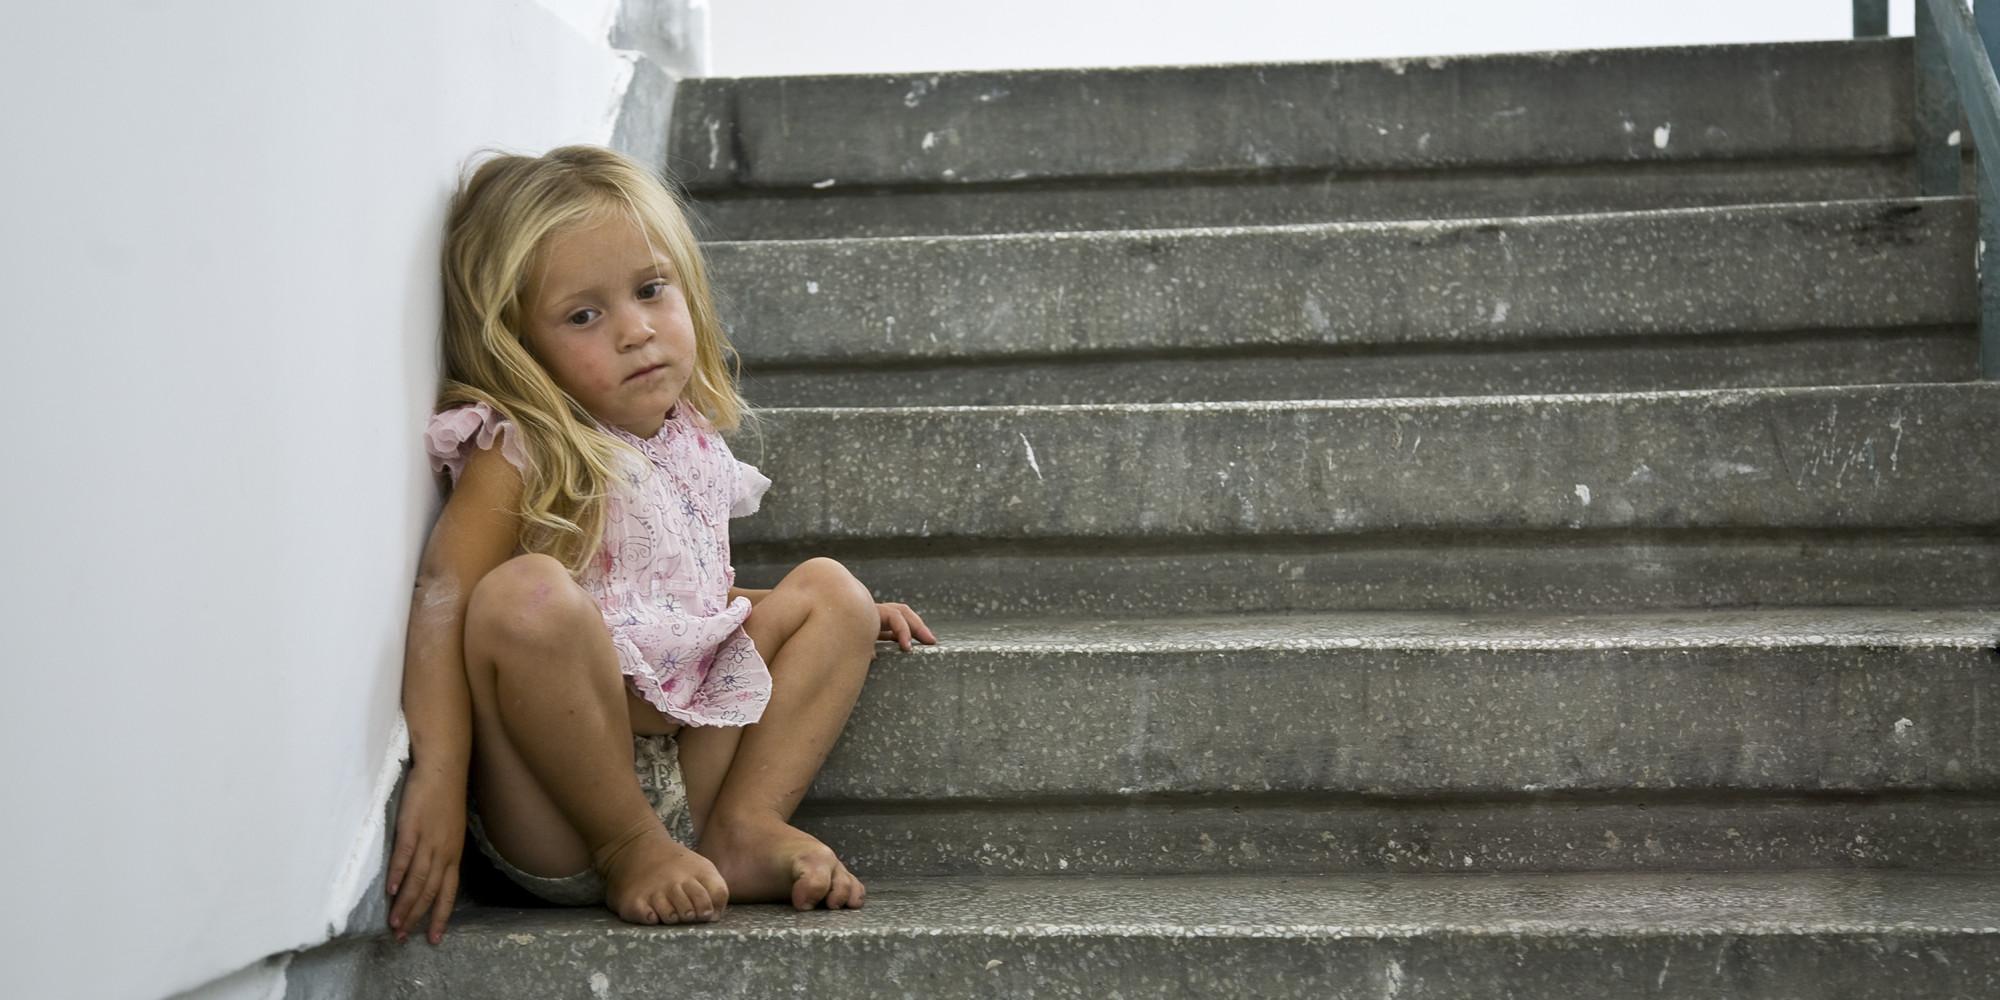 Sexueller Missbrauch In der Familie - Informationen